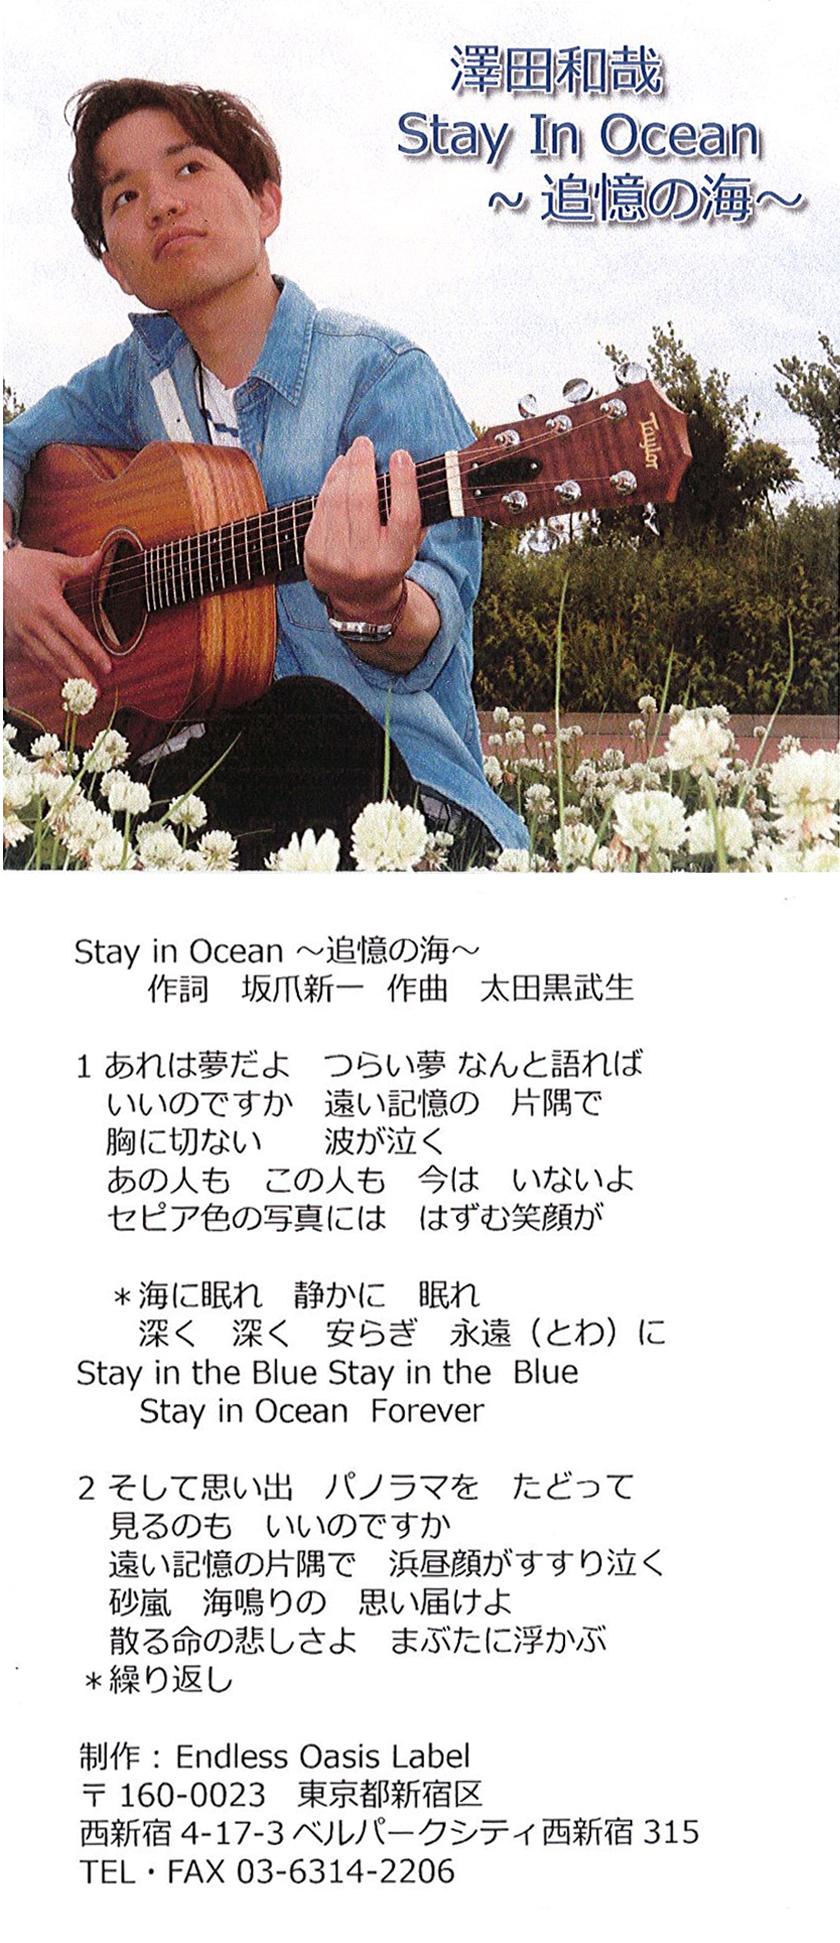 Stay In Ocean~追憶の海~